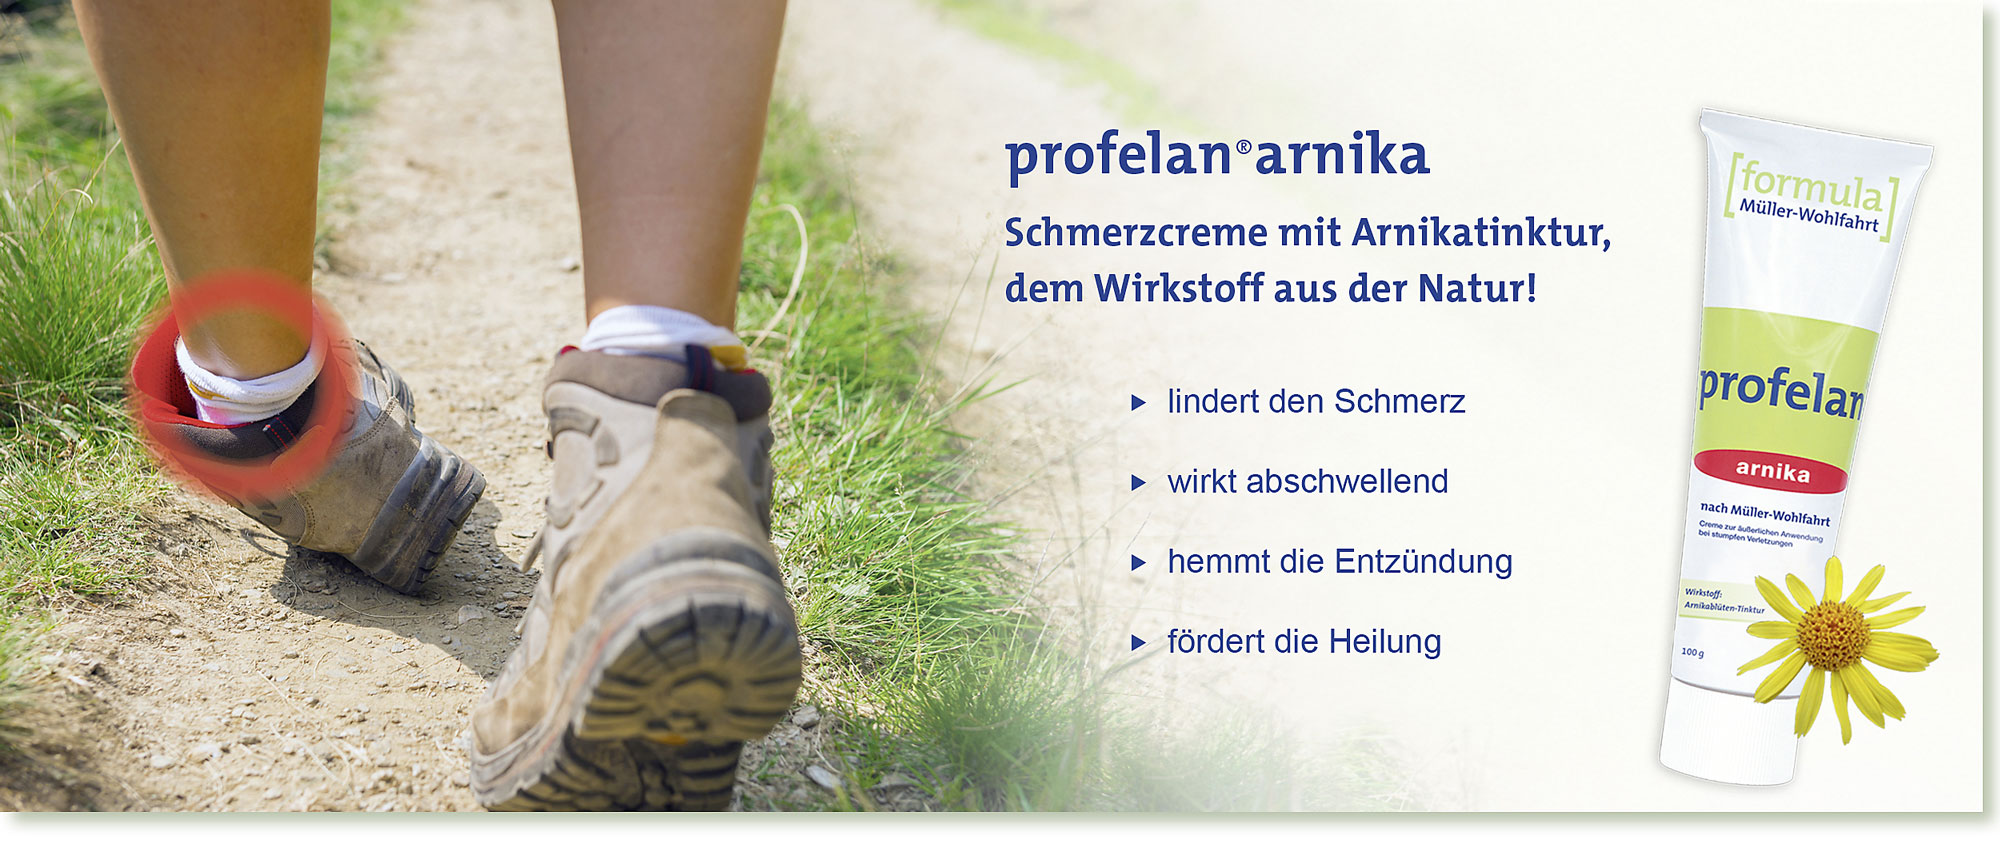 HeadImage | PROFELAN-Arnika Schmerzcreme nach Müller-Wohlfahrt - Wandern